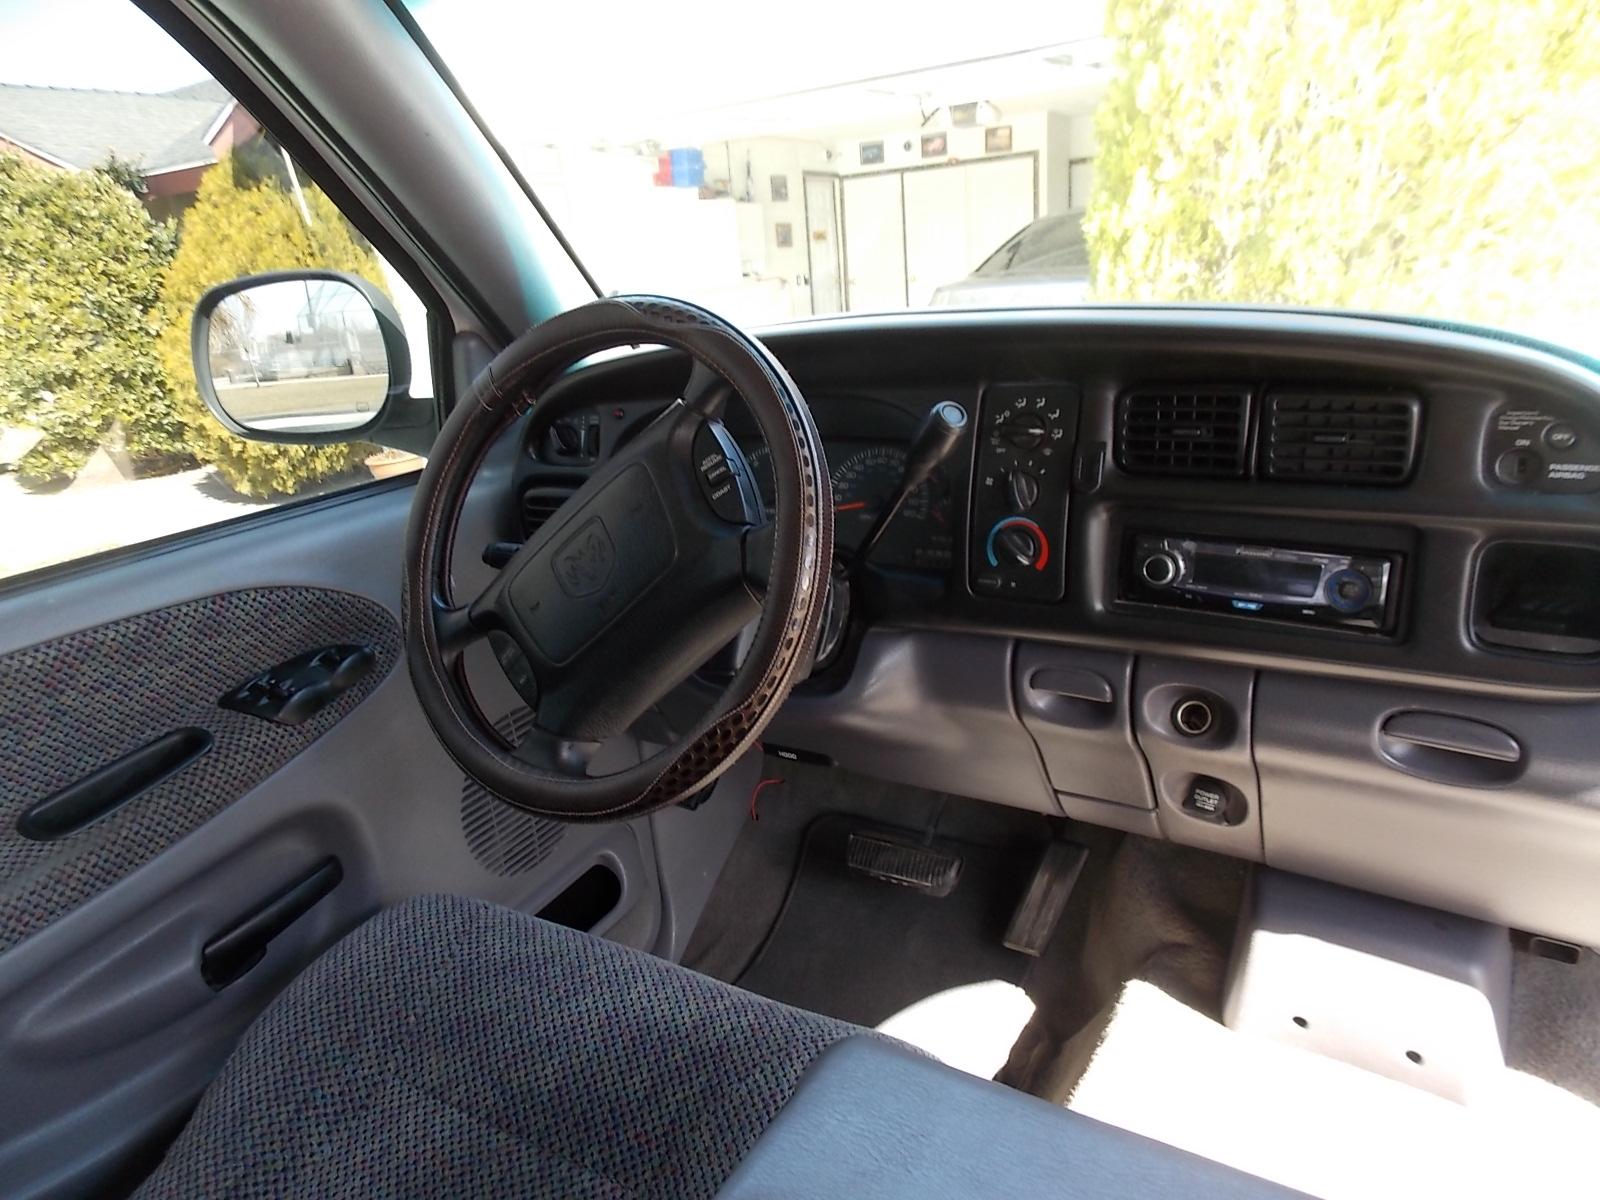 Dodge Ram Pickup Dr Slt Wd Extended Cab Sb Pic on 1999 Dodge Spirit